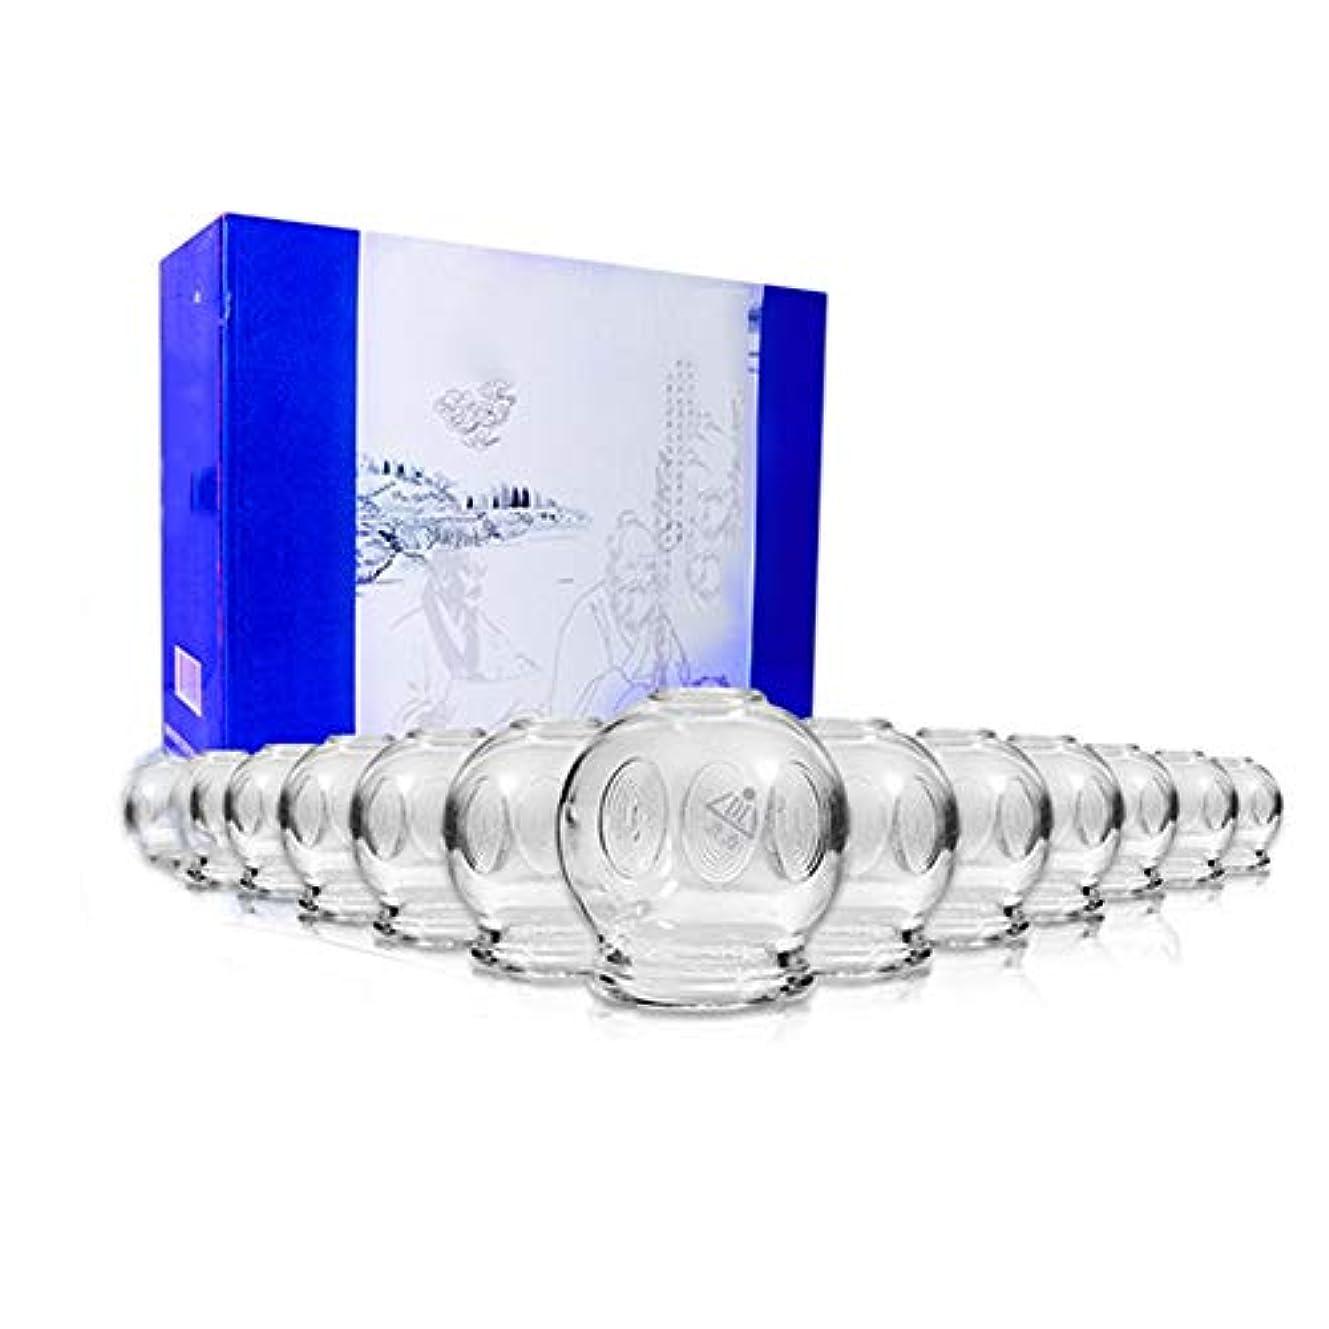 ハードウェア布スズメバチカッピングで吸引エステガラス製カッピングセット真空カッピング16缶厚くて耐久性があり、家庭で筋肉疲労を和らげるのに適しています。